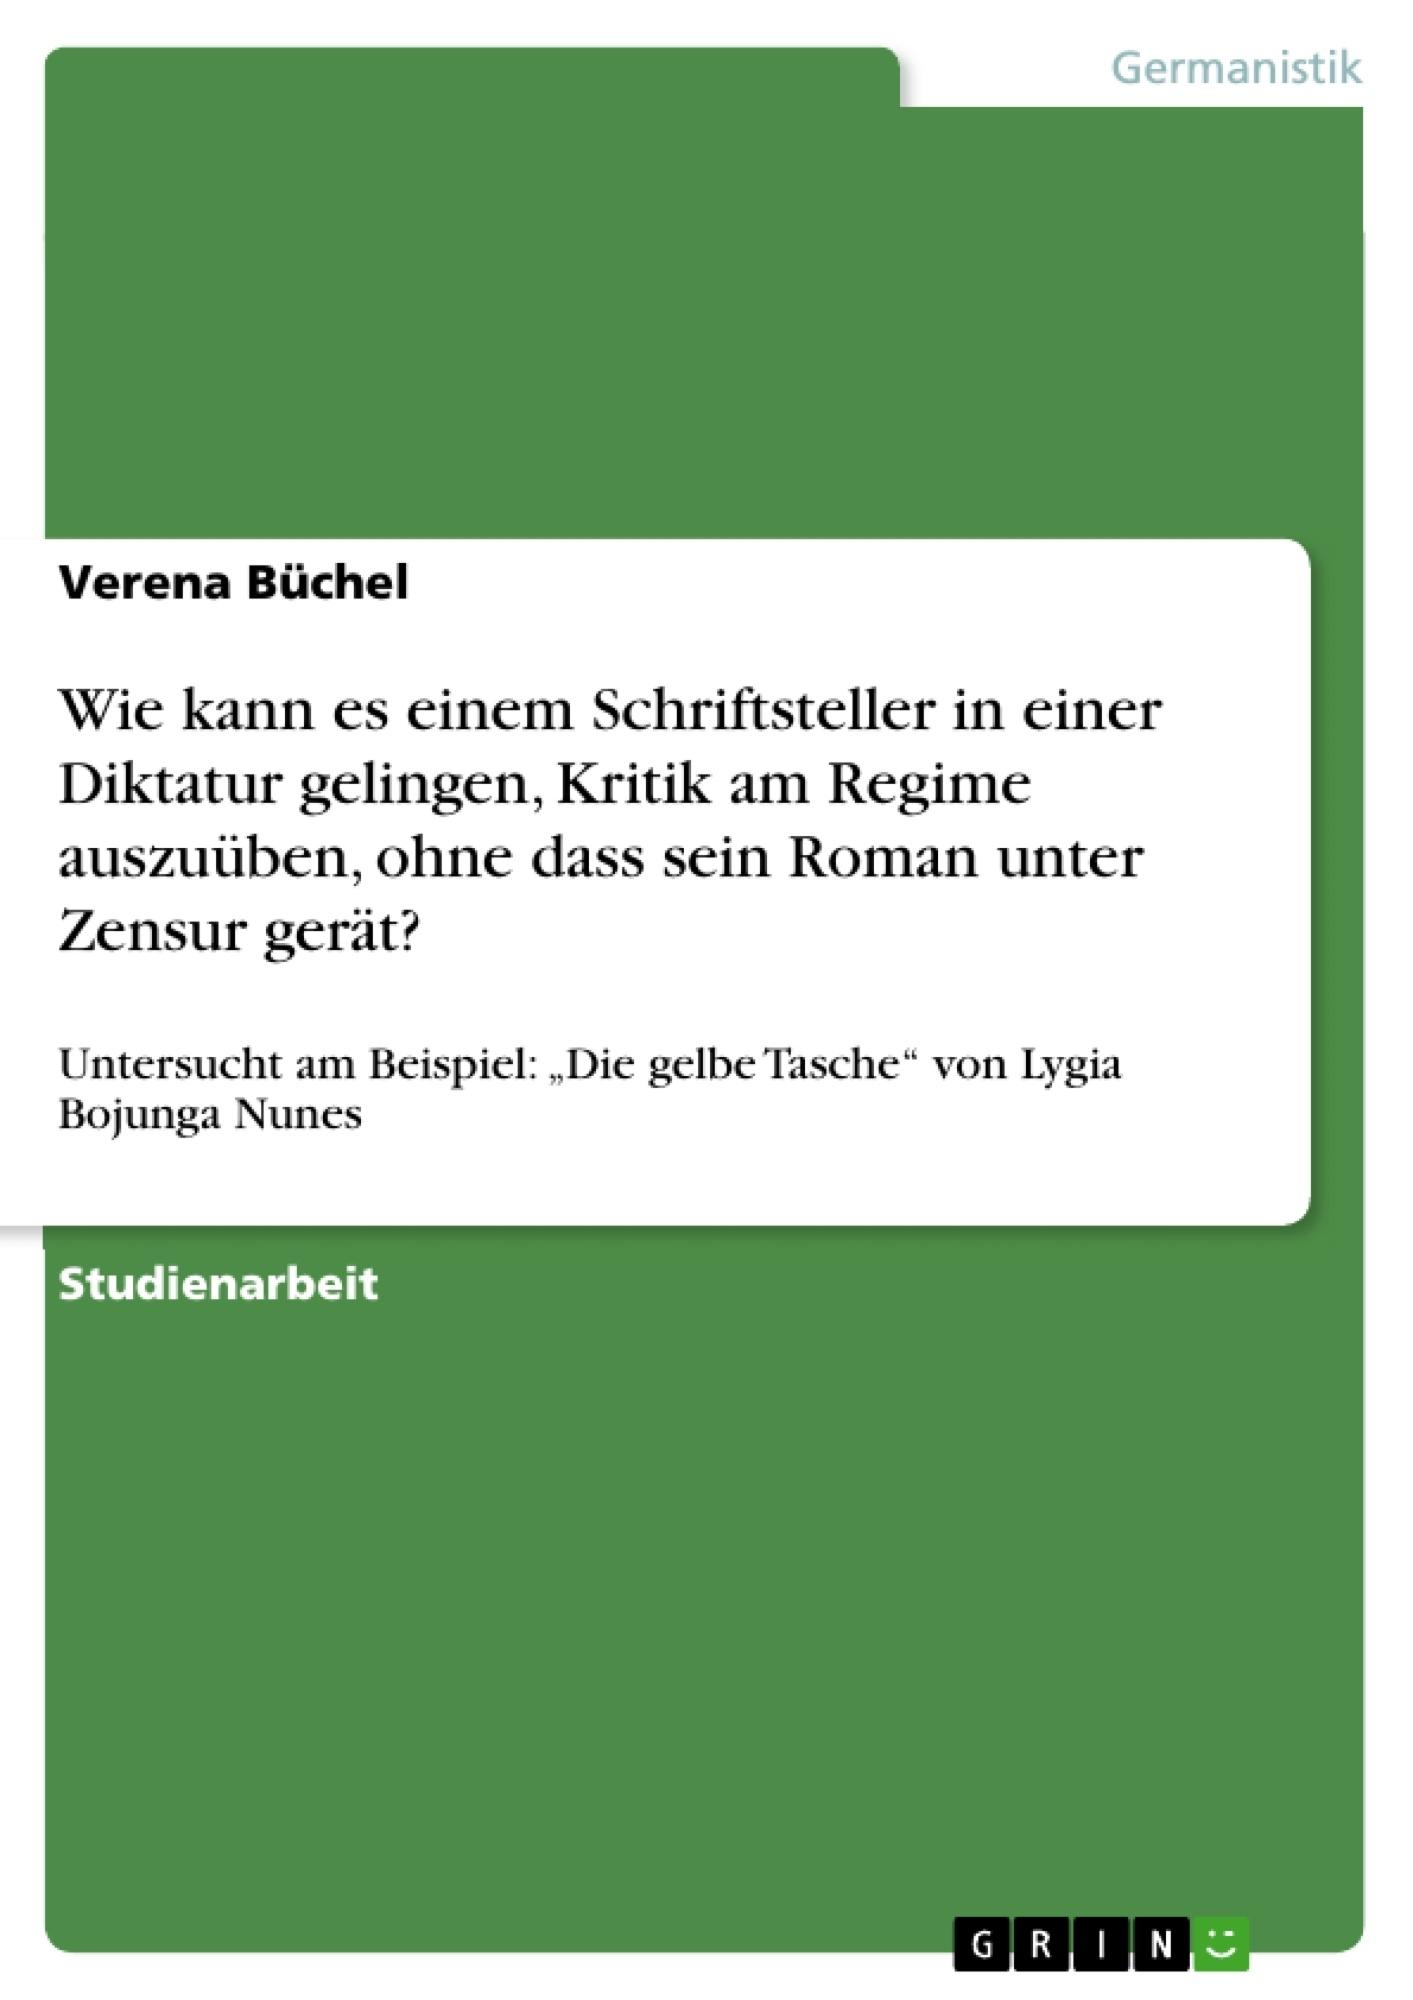 Titel: Wie kann es einem Schriftsteller in einer Diktatur gelingen, Kritik am Regime auszuüben, ohne dass sein Roman unter Zensur gerät?